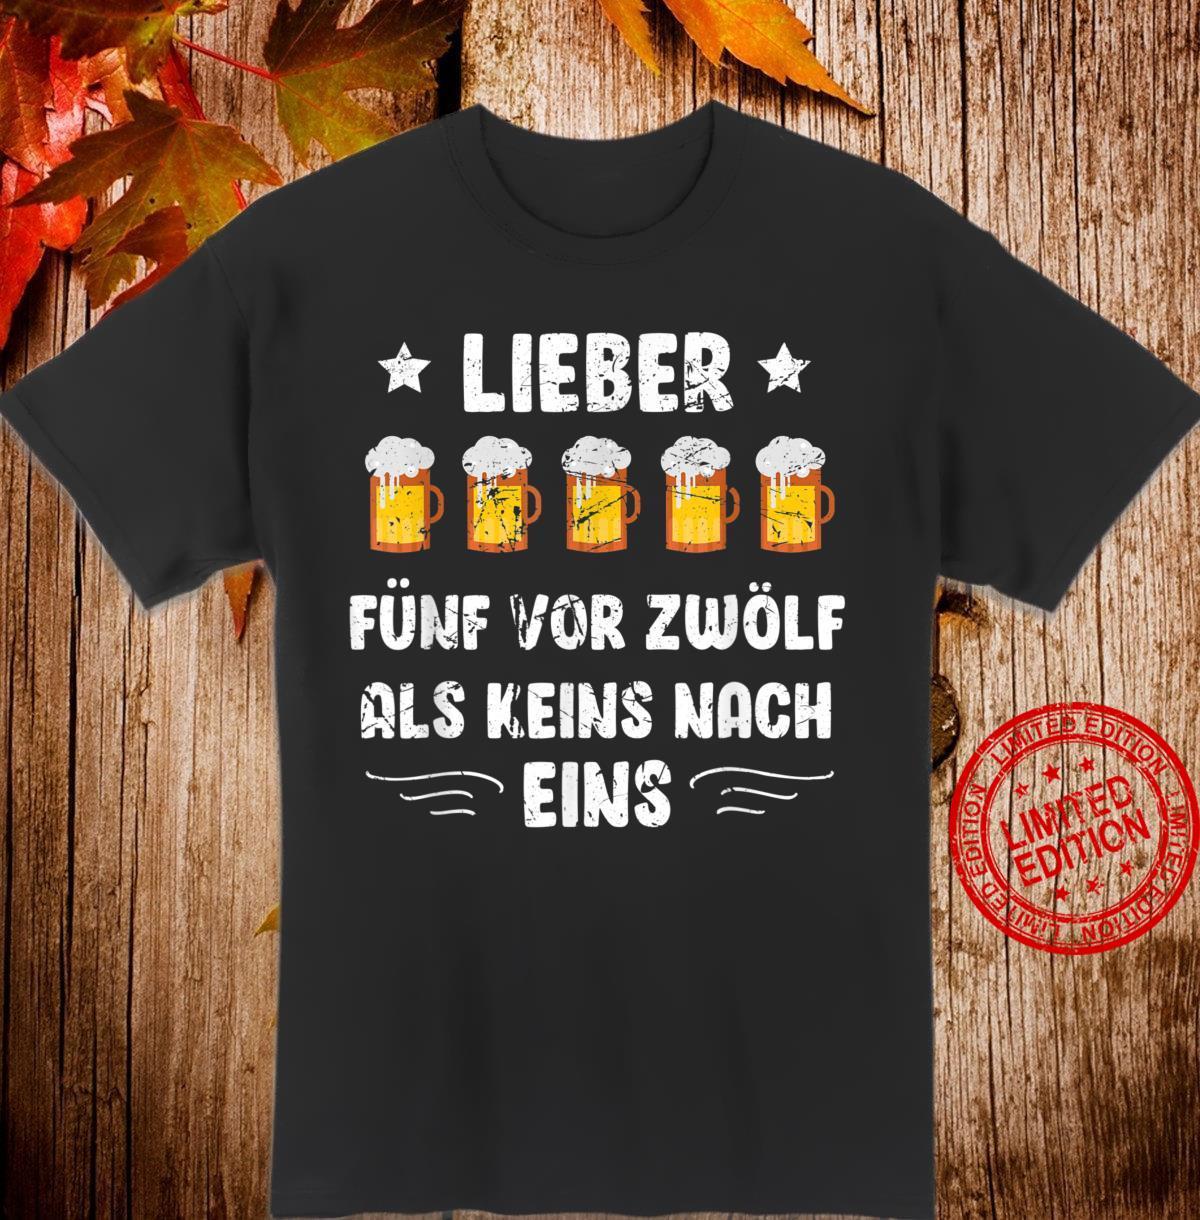 Lieber fünf vor zwölf als keins nach eins Bier Spruch lustig Shirt